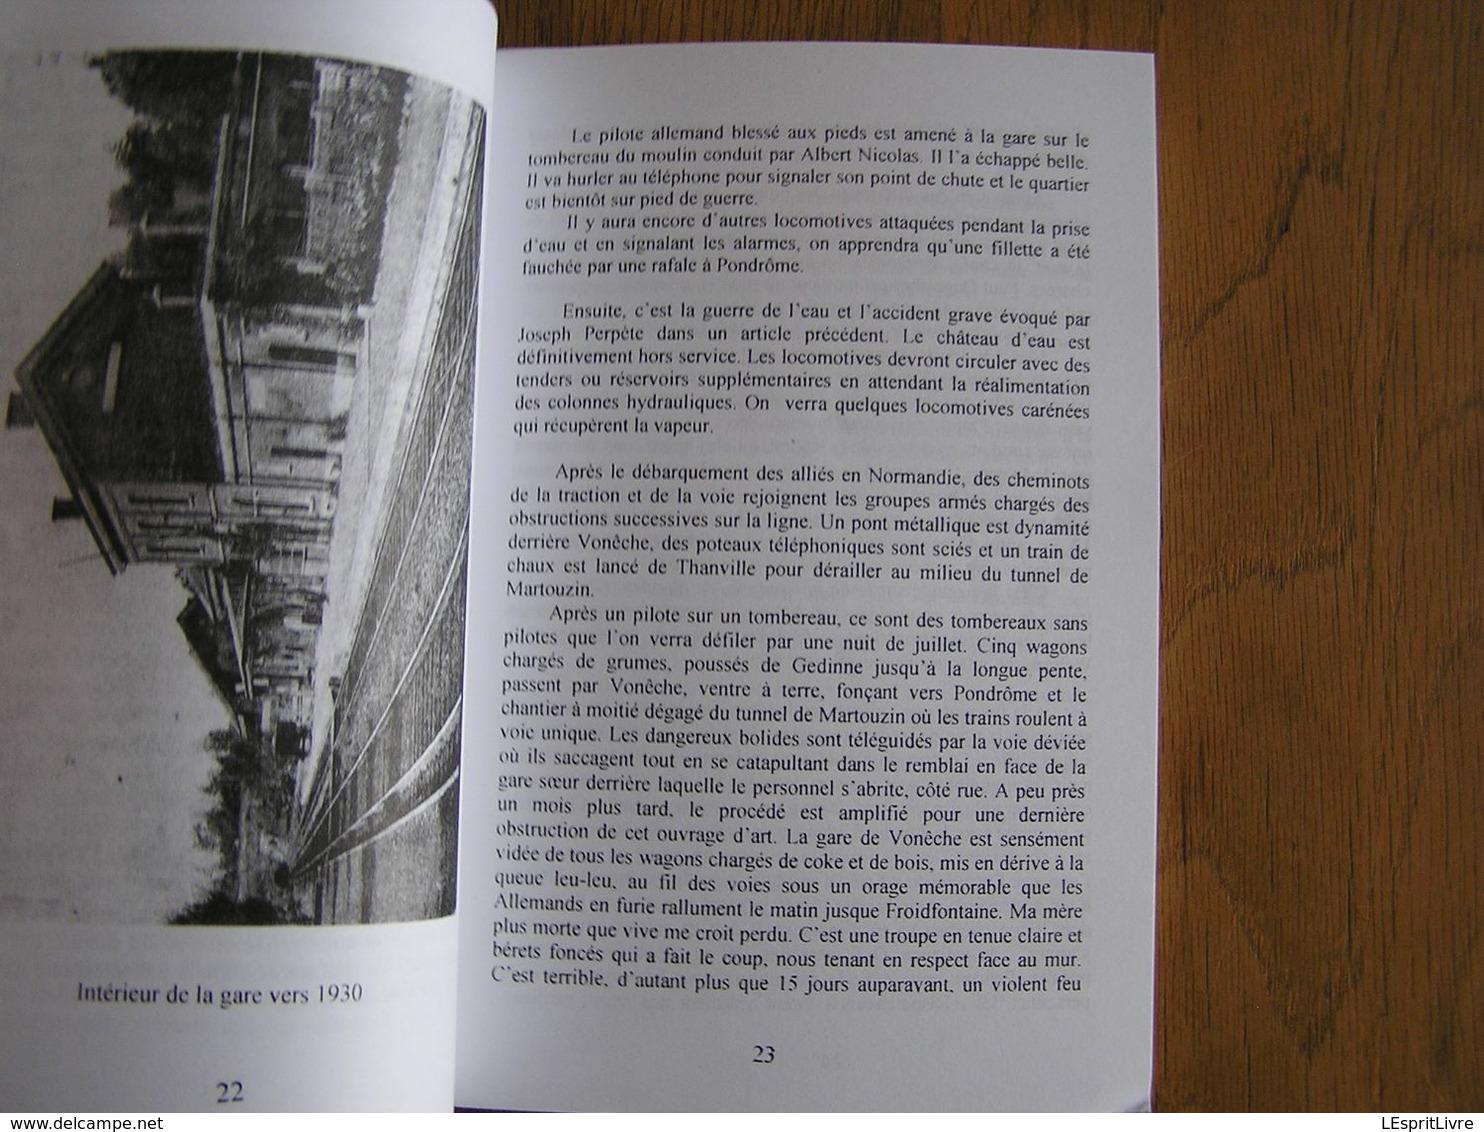 Bulletin CEHG  42 Gedinne Régionalisme Wallon Semoy Gare Vonêche Pompiers Willerzie Rienne 40 45 Cuisinières Lenguillier - Bélgica